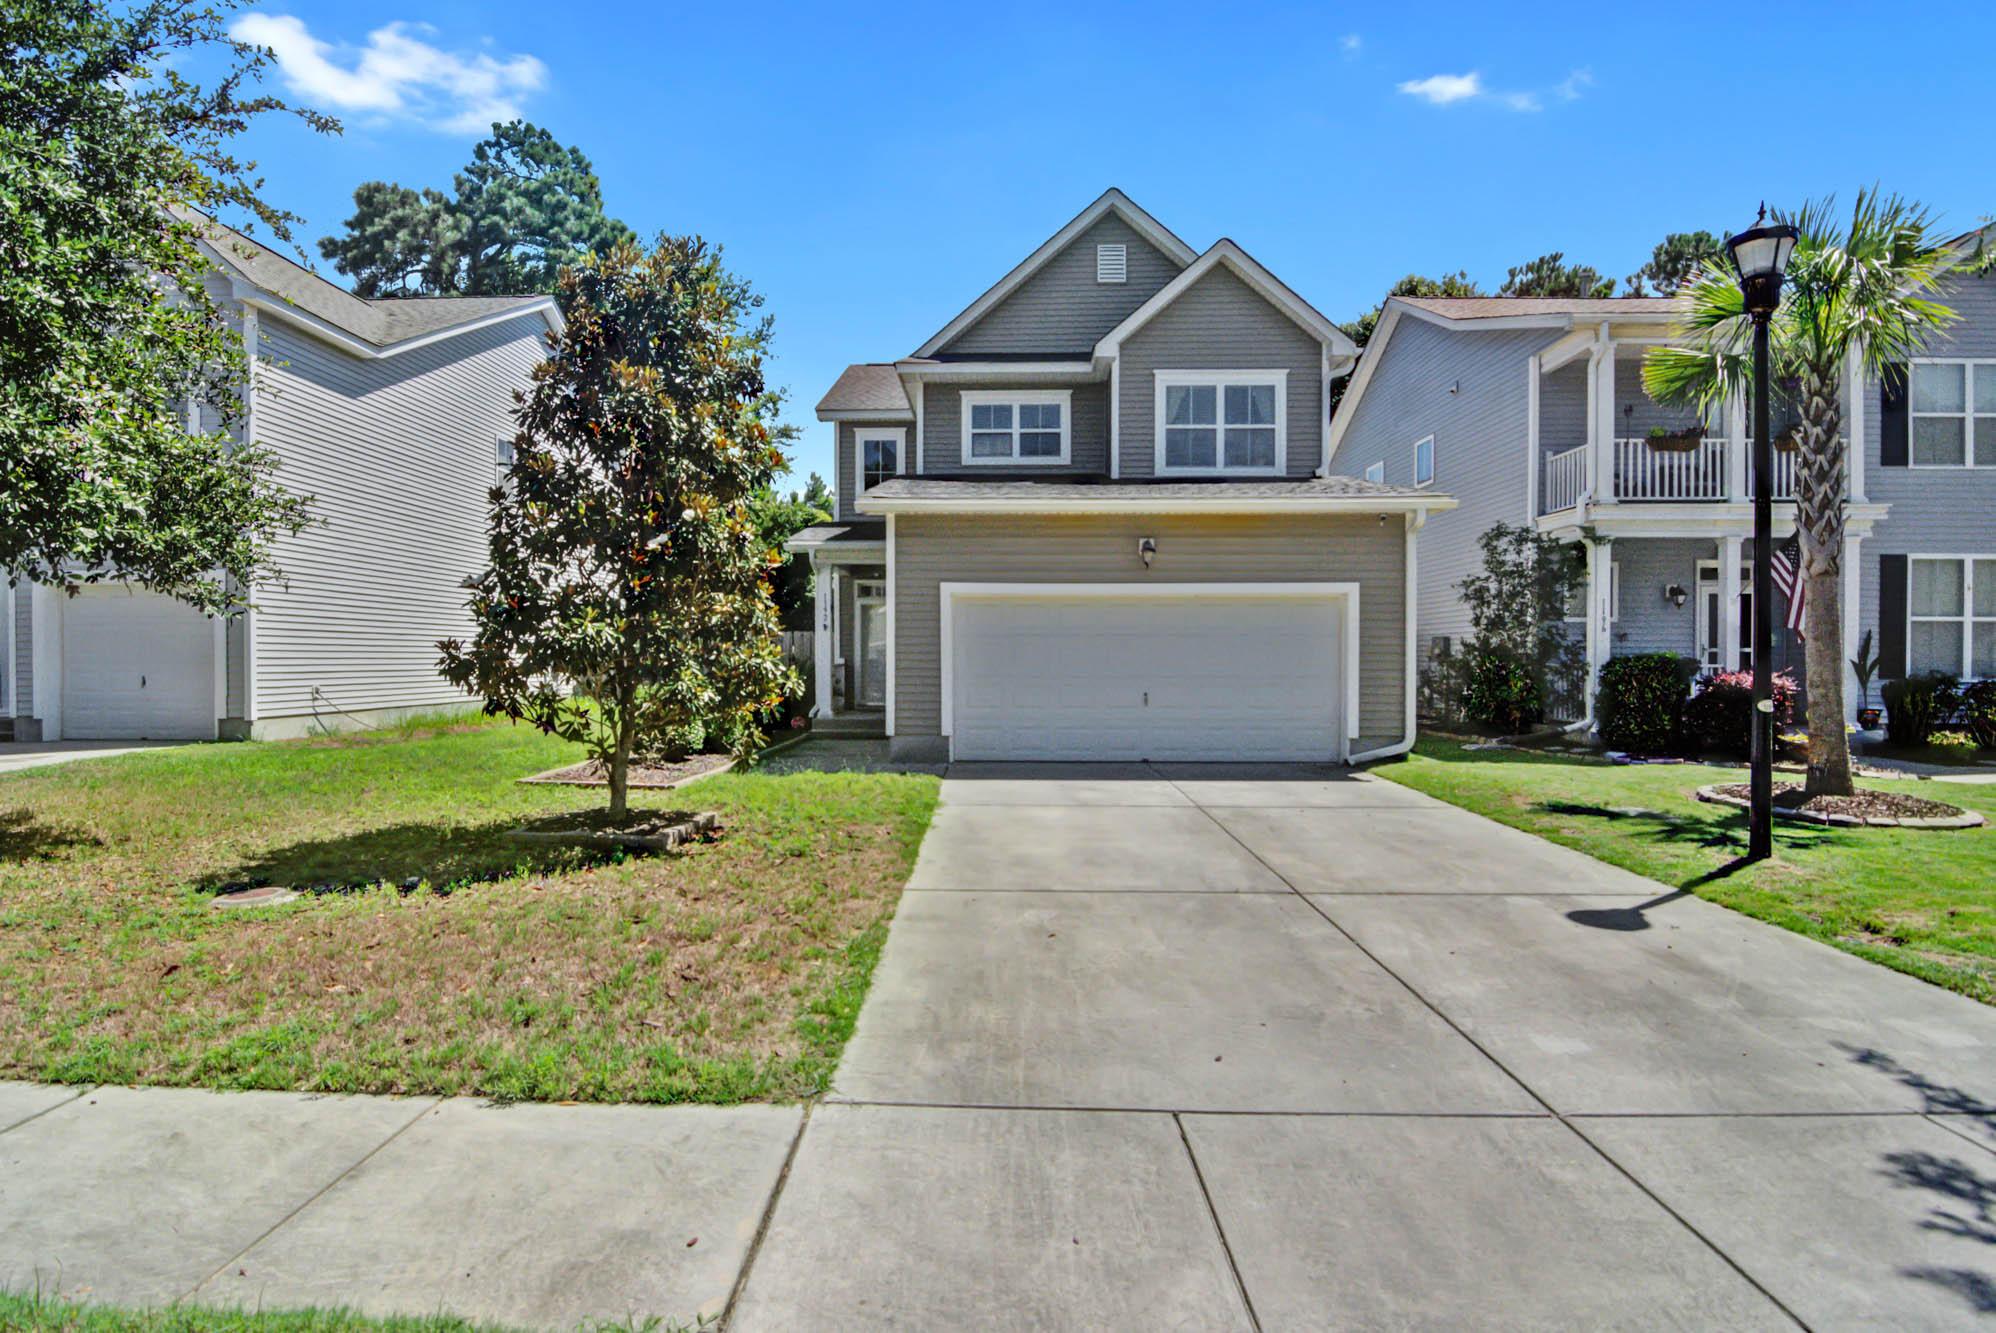 Carriage Hill Landing Homes For Sale - 1192 Landau, Mount Pleasant, SC - 1